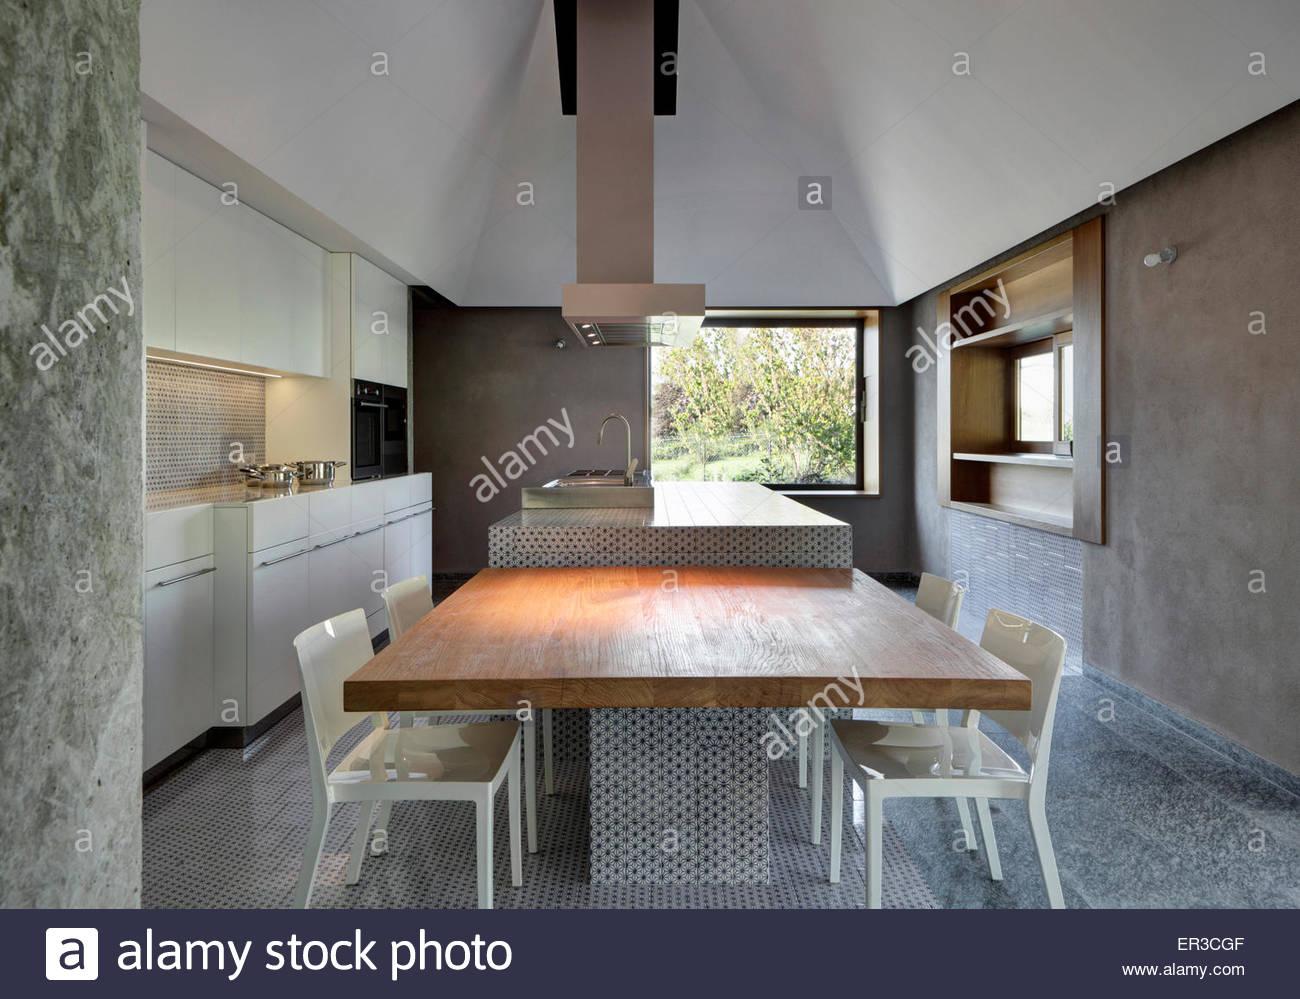 Küche, Tisch Und Stühle Mit Insel Einheit Und Extraktor In Modernen  Italienischen Haus